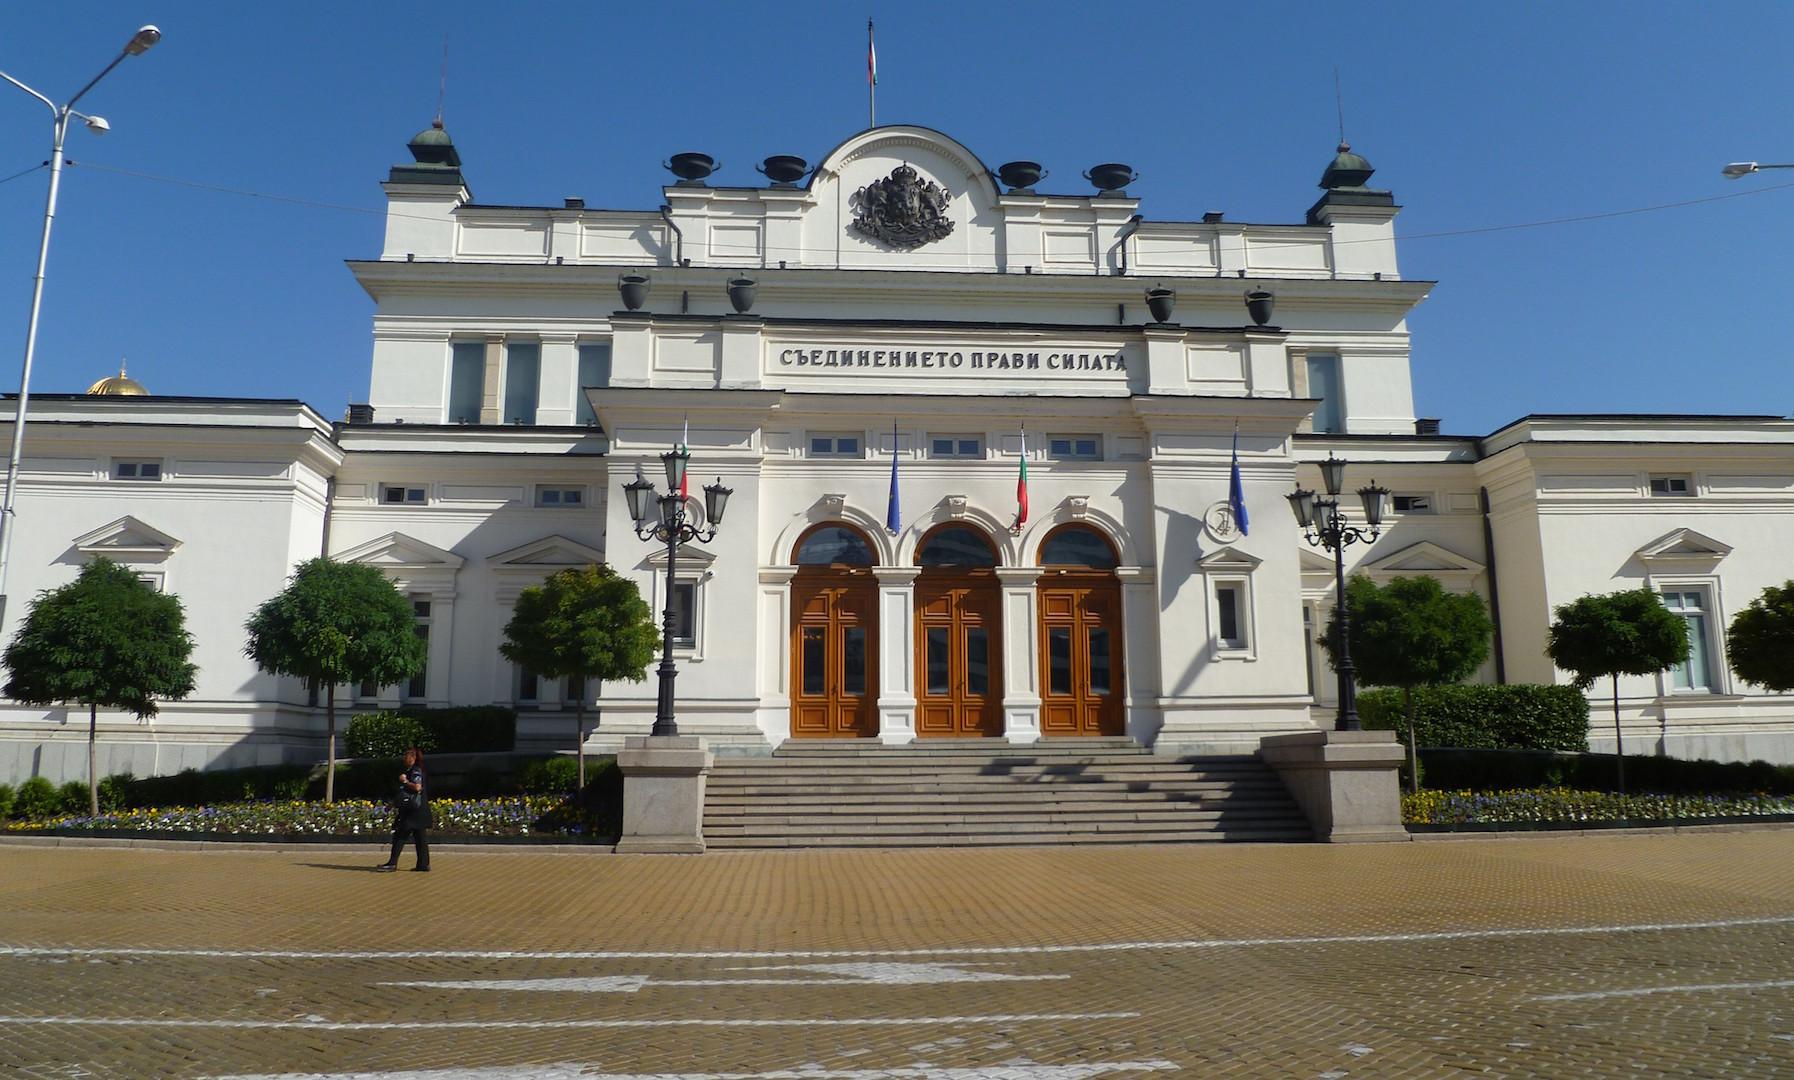 Bulgaria: Minimum pension set at 250 leva